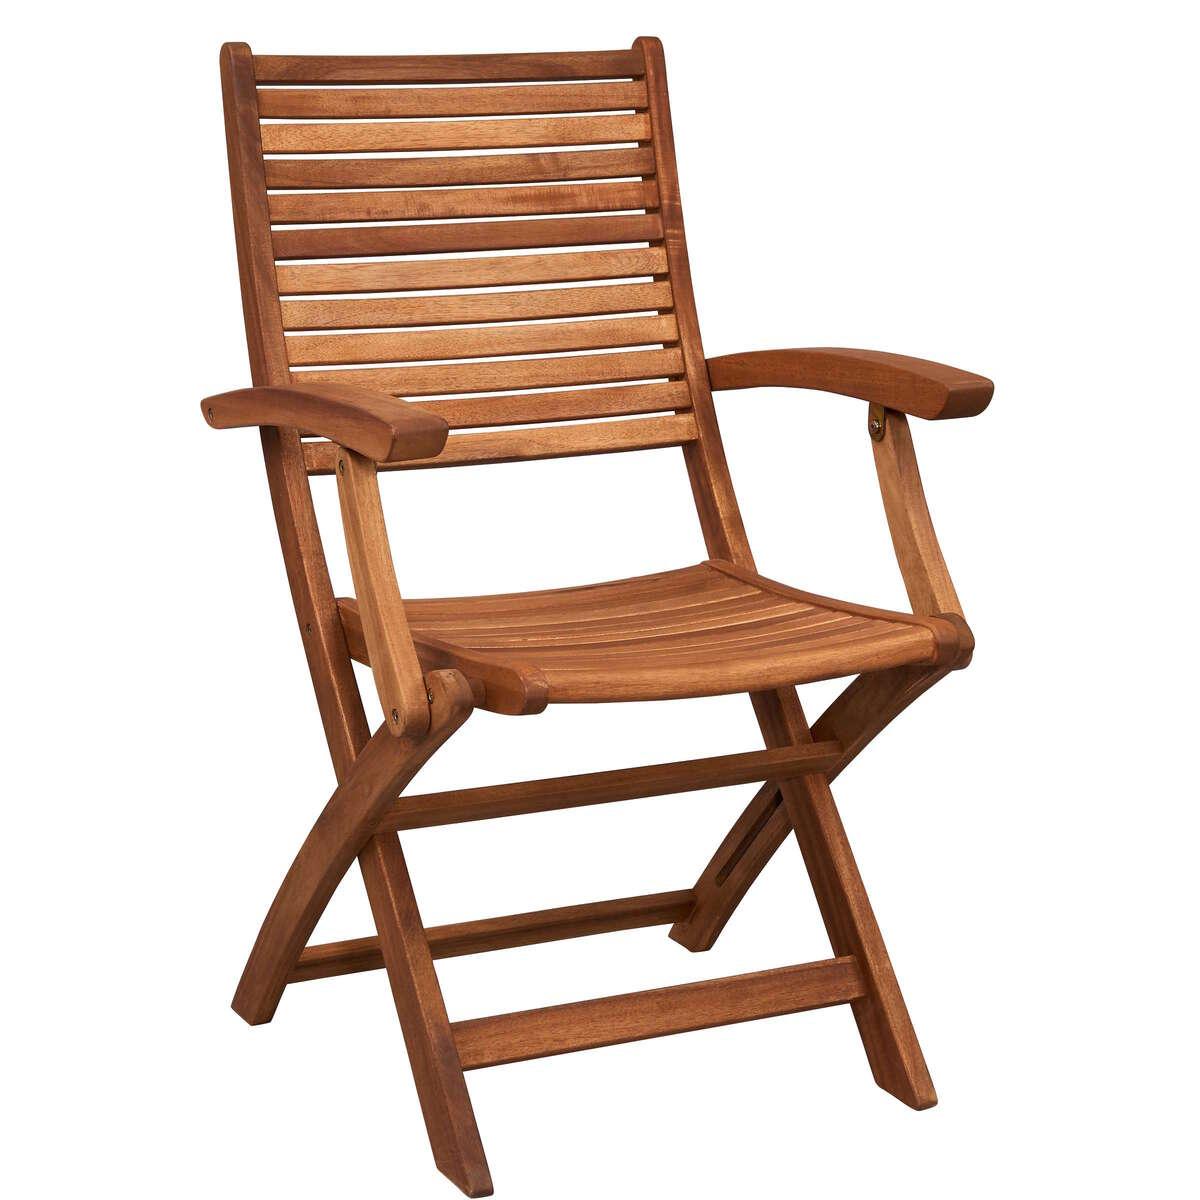 Bild 17 von SOMERSET Stuhl mit Armlehne